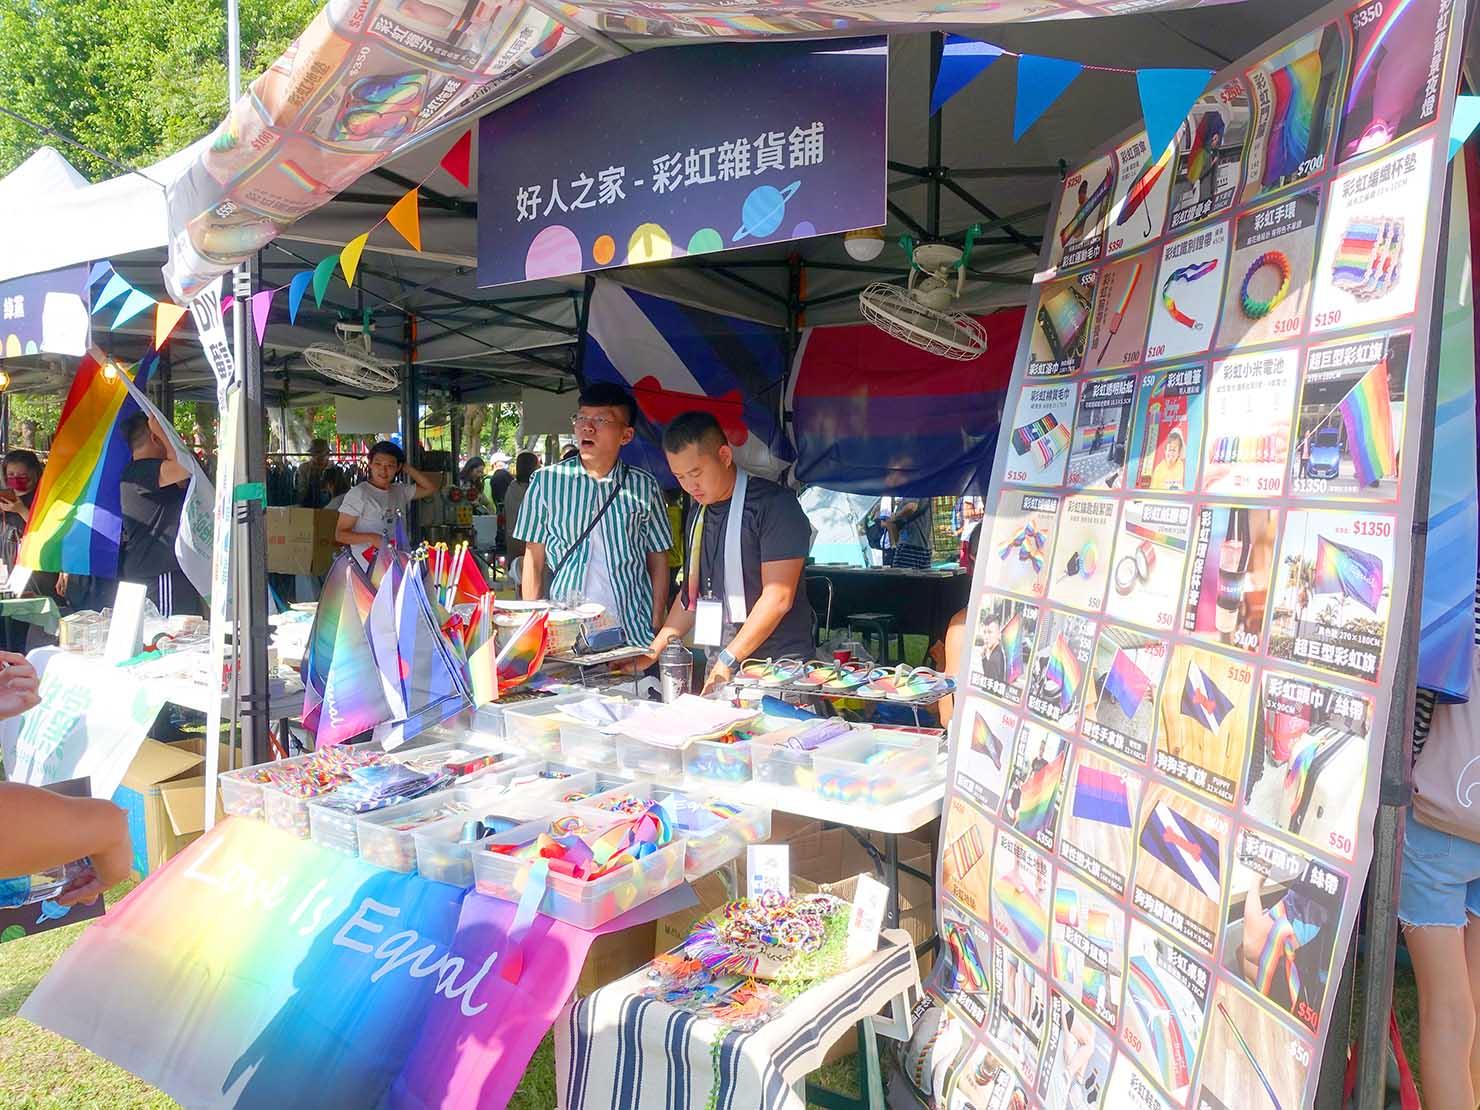 台湾・桃園のLGBTプライド「桃園彩虹野餐日」2020会場でレインボーグッズを販売する特設ブース